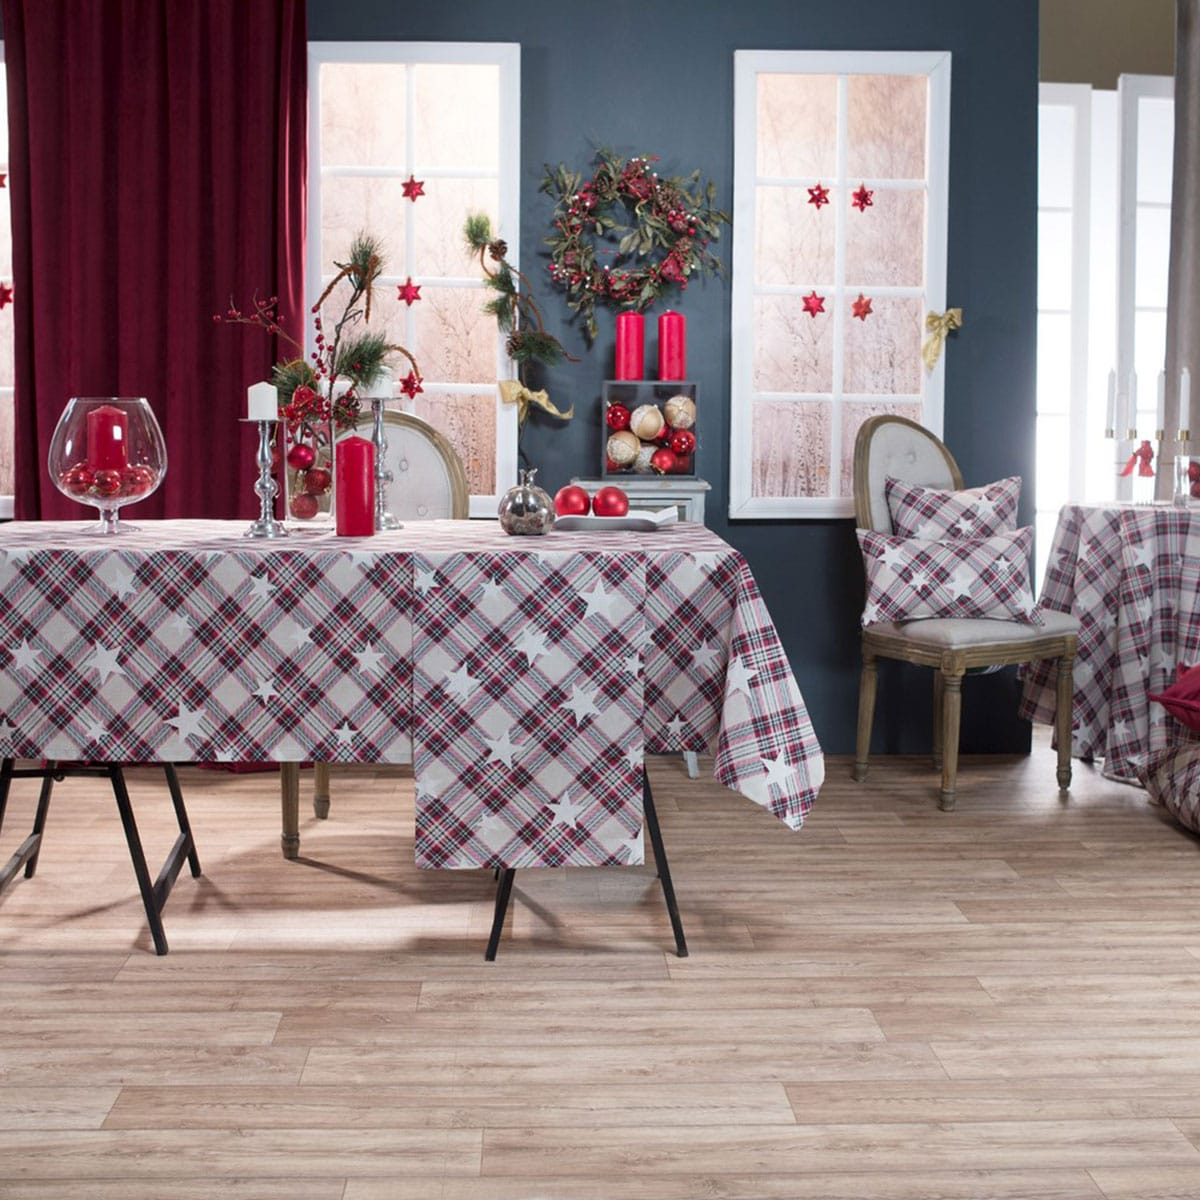 Τραπεζομάντηλο Χριστουγεννιάτικο Candy Grey-Bordo Teoran 150X200 135x180cm